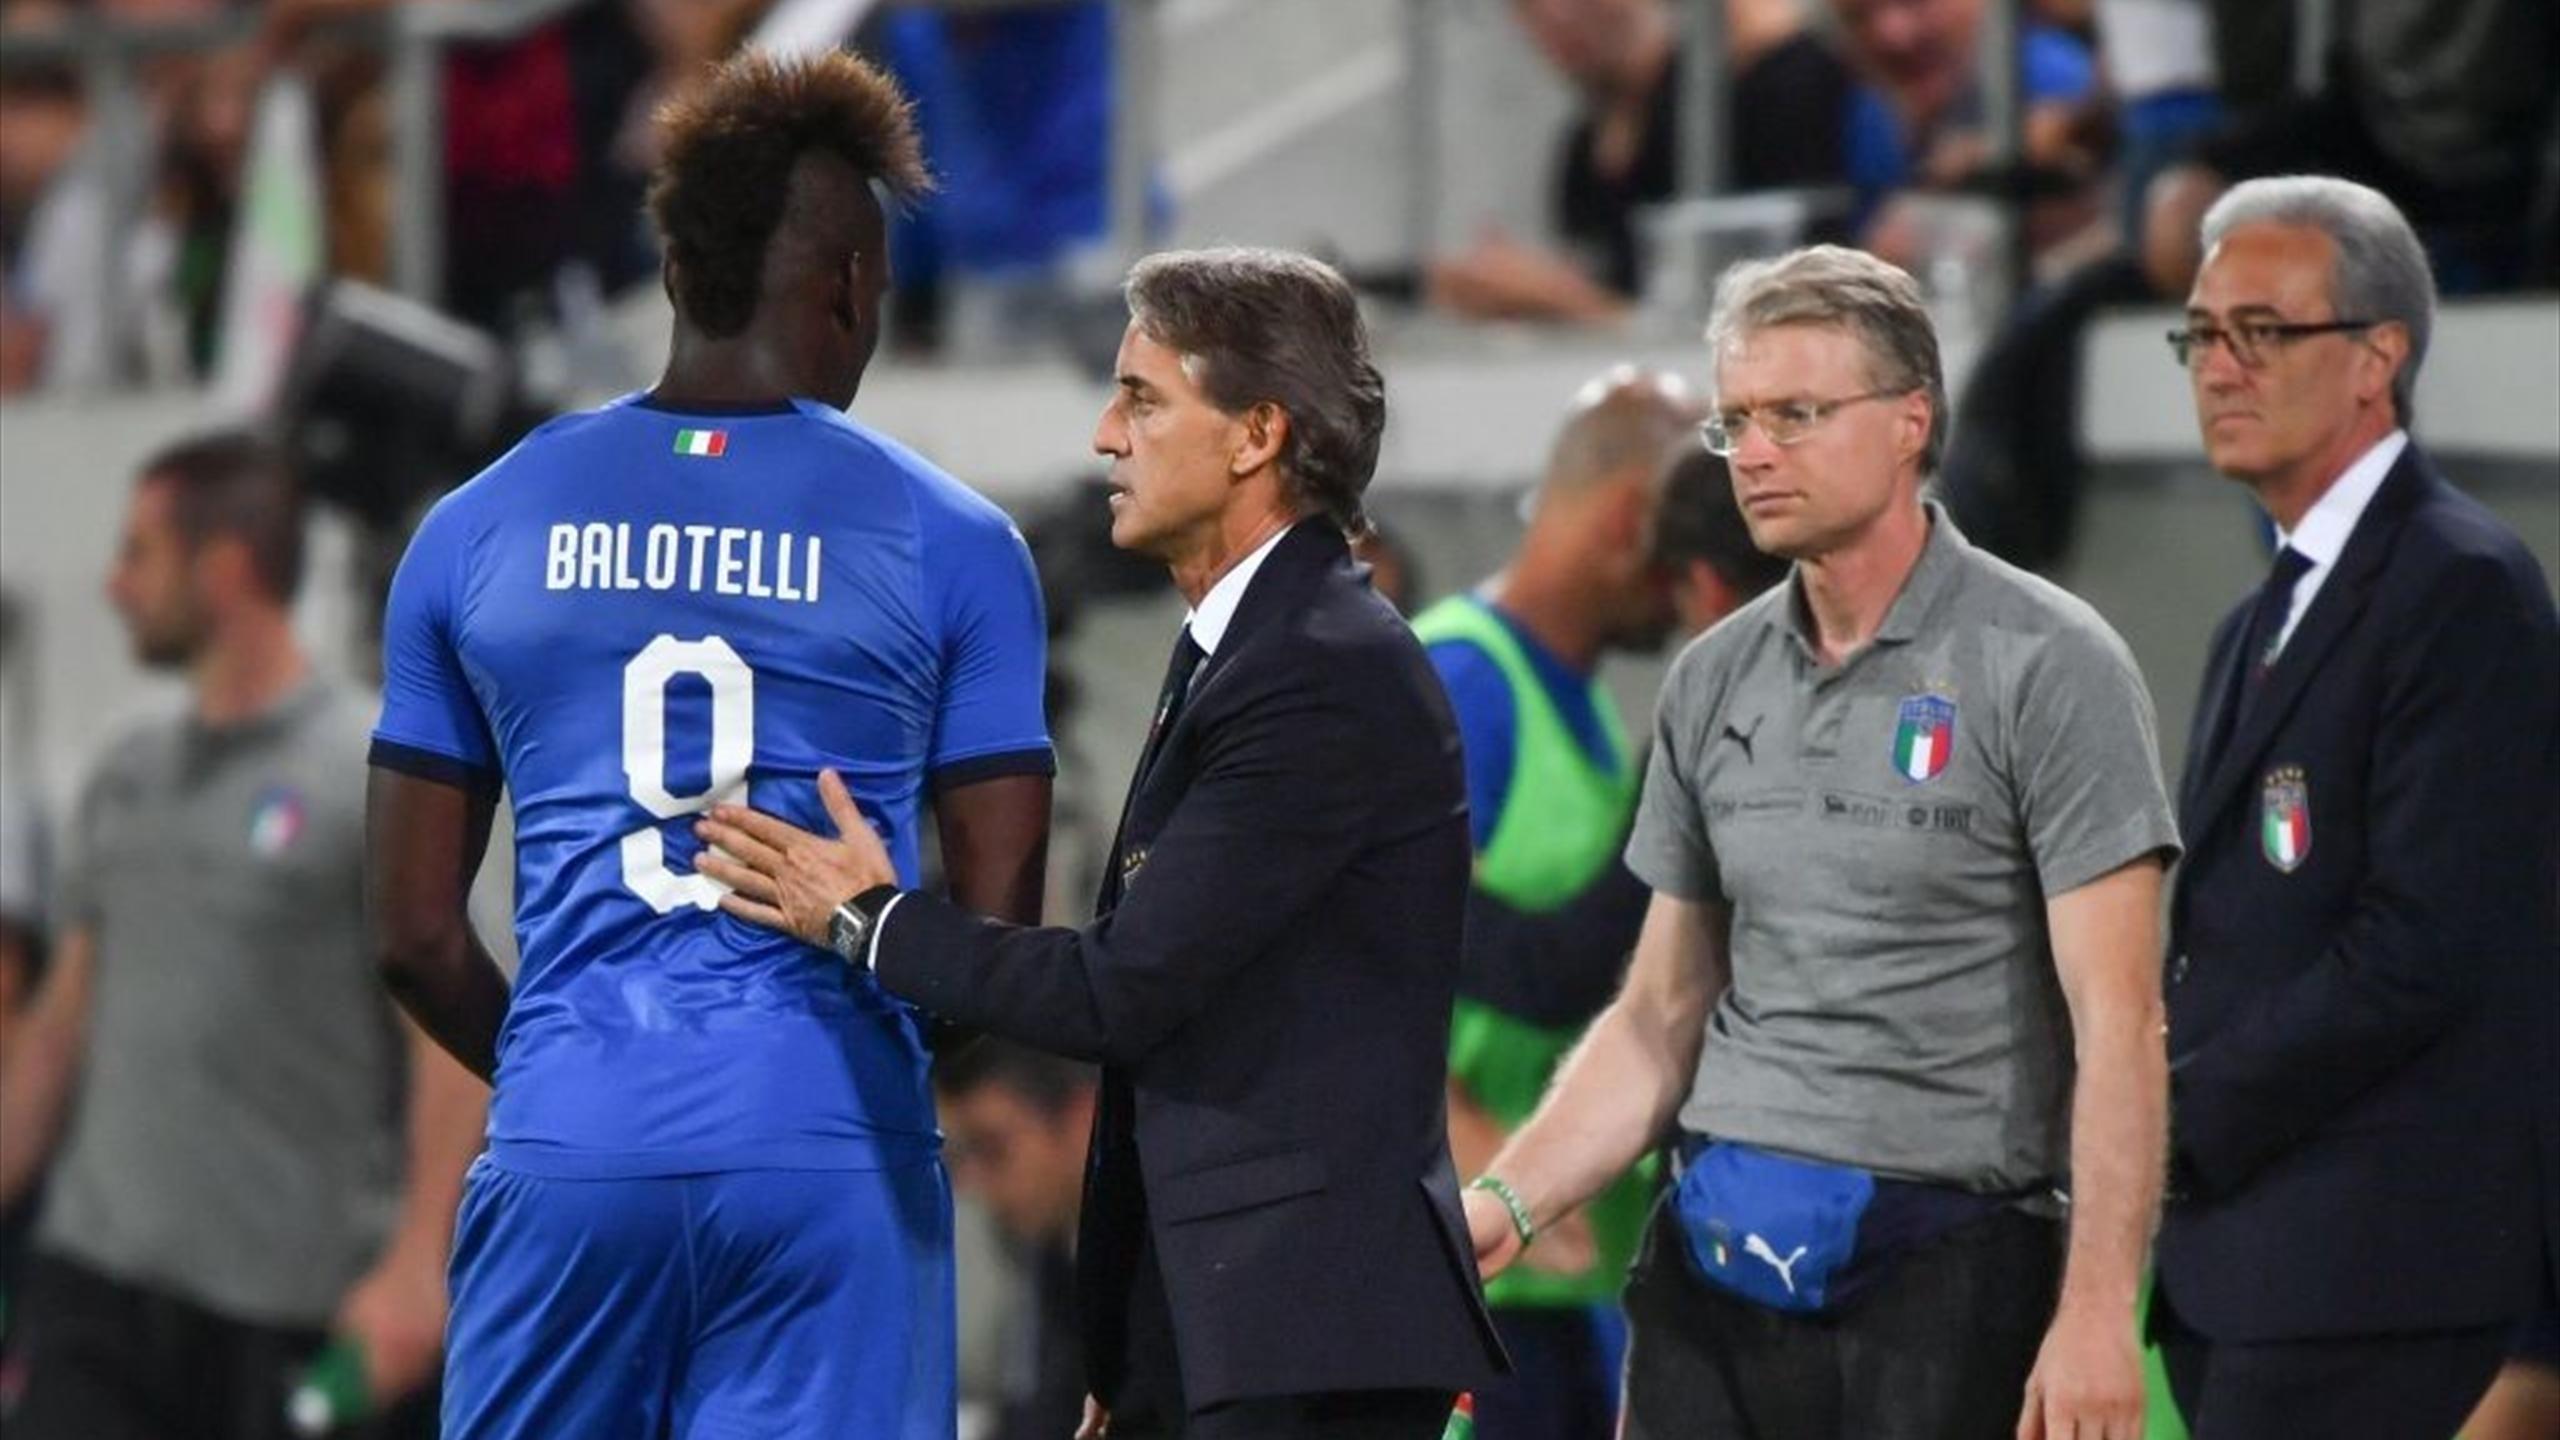 Italia-Olanda: i precedenti - 04 Giu